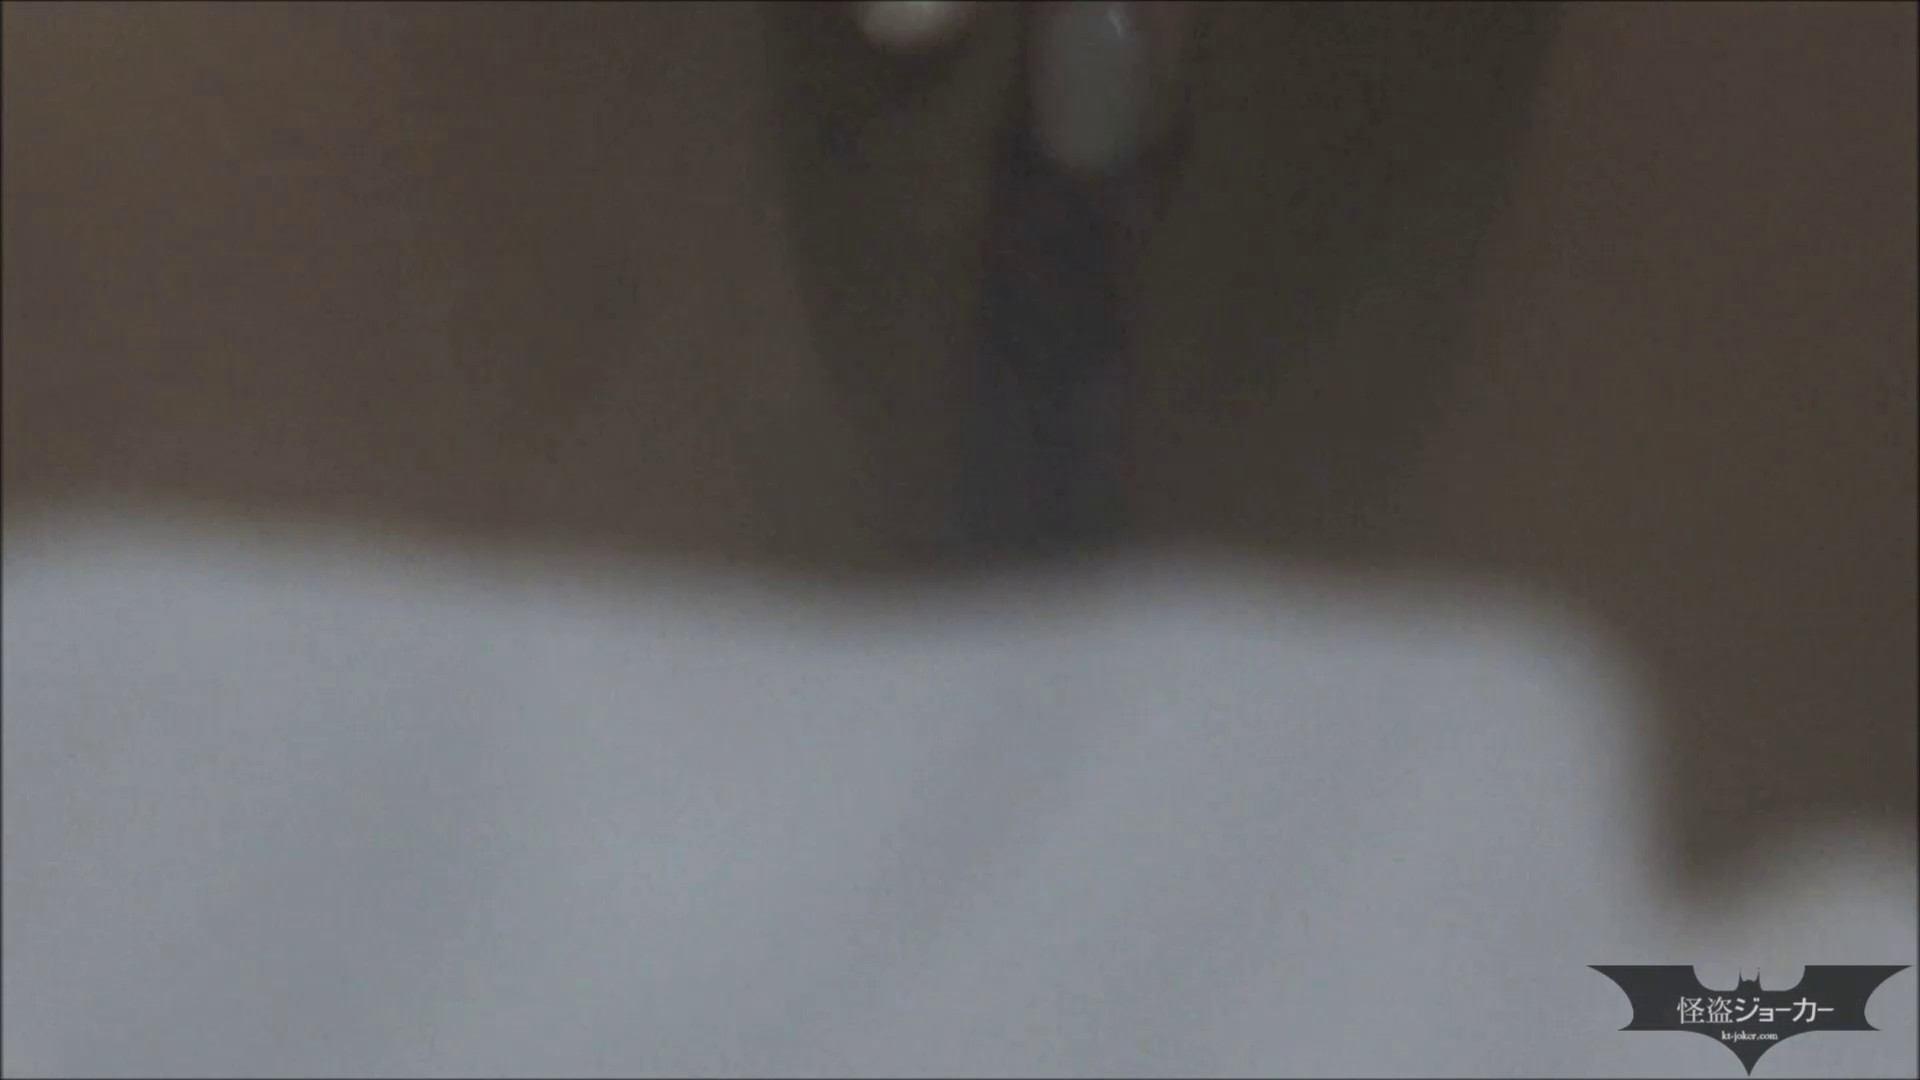 覗き見 Vol.2 【覗き見】♀友達のオナニー。-美人OL- いじくり AV動画キャプチャ 107画像 84